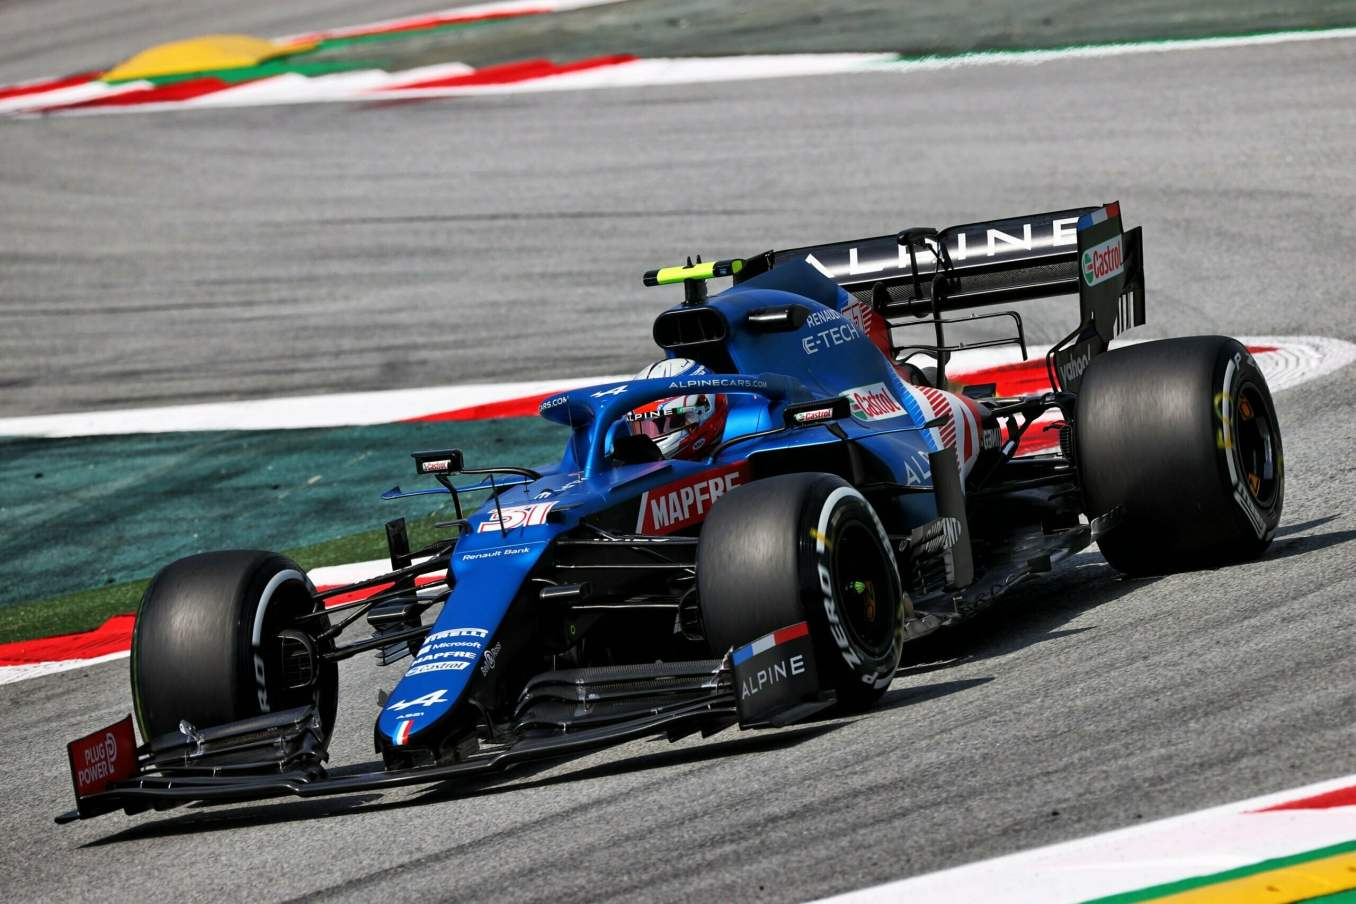 Alpine F1 Team A521 Alonso Ocon Grand Prix Espagne 2021 21 scaled | Alpine F1 Team : des essais libres 1 et 2 encourageants au GP d'Espagne